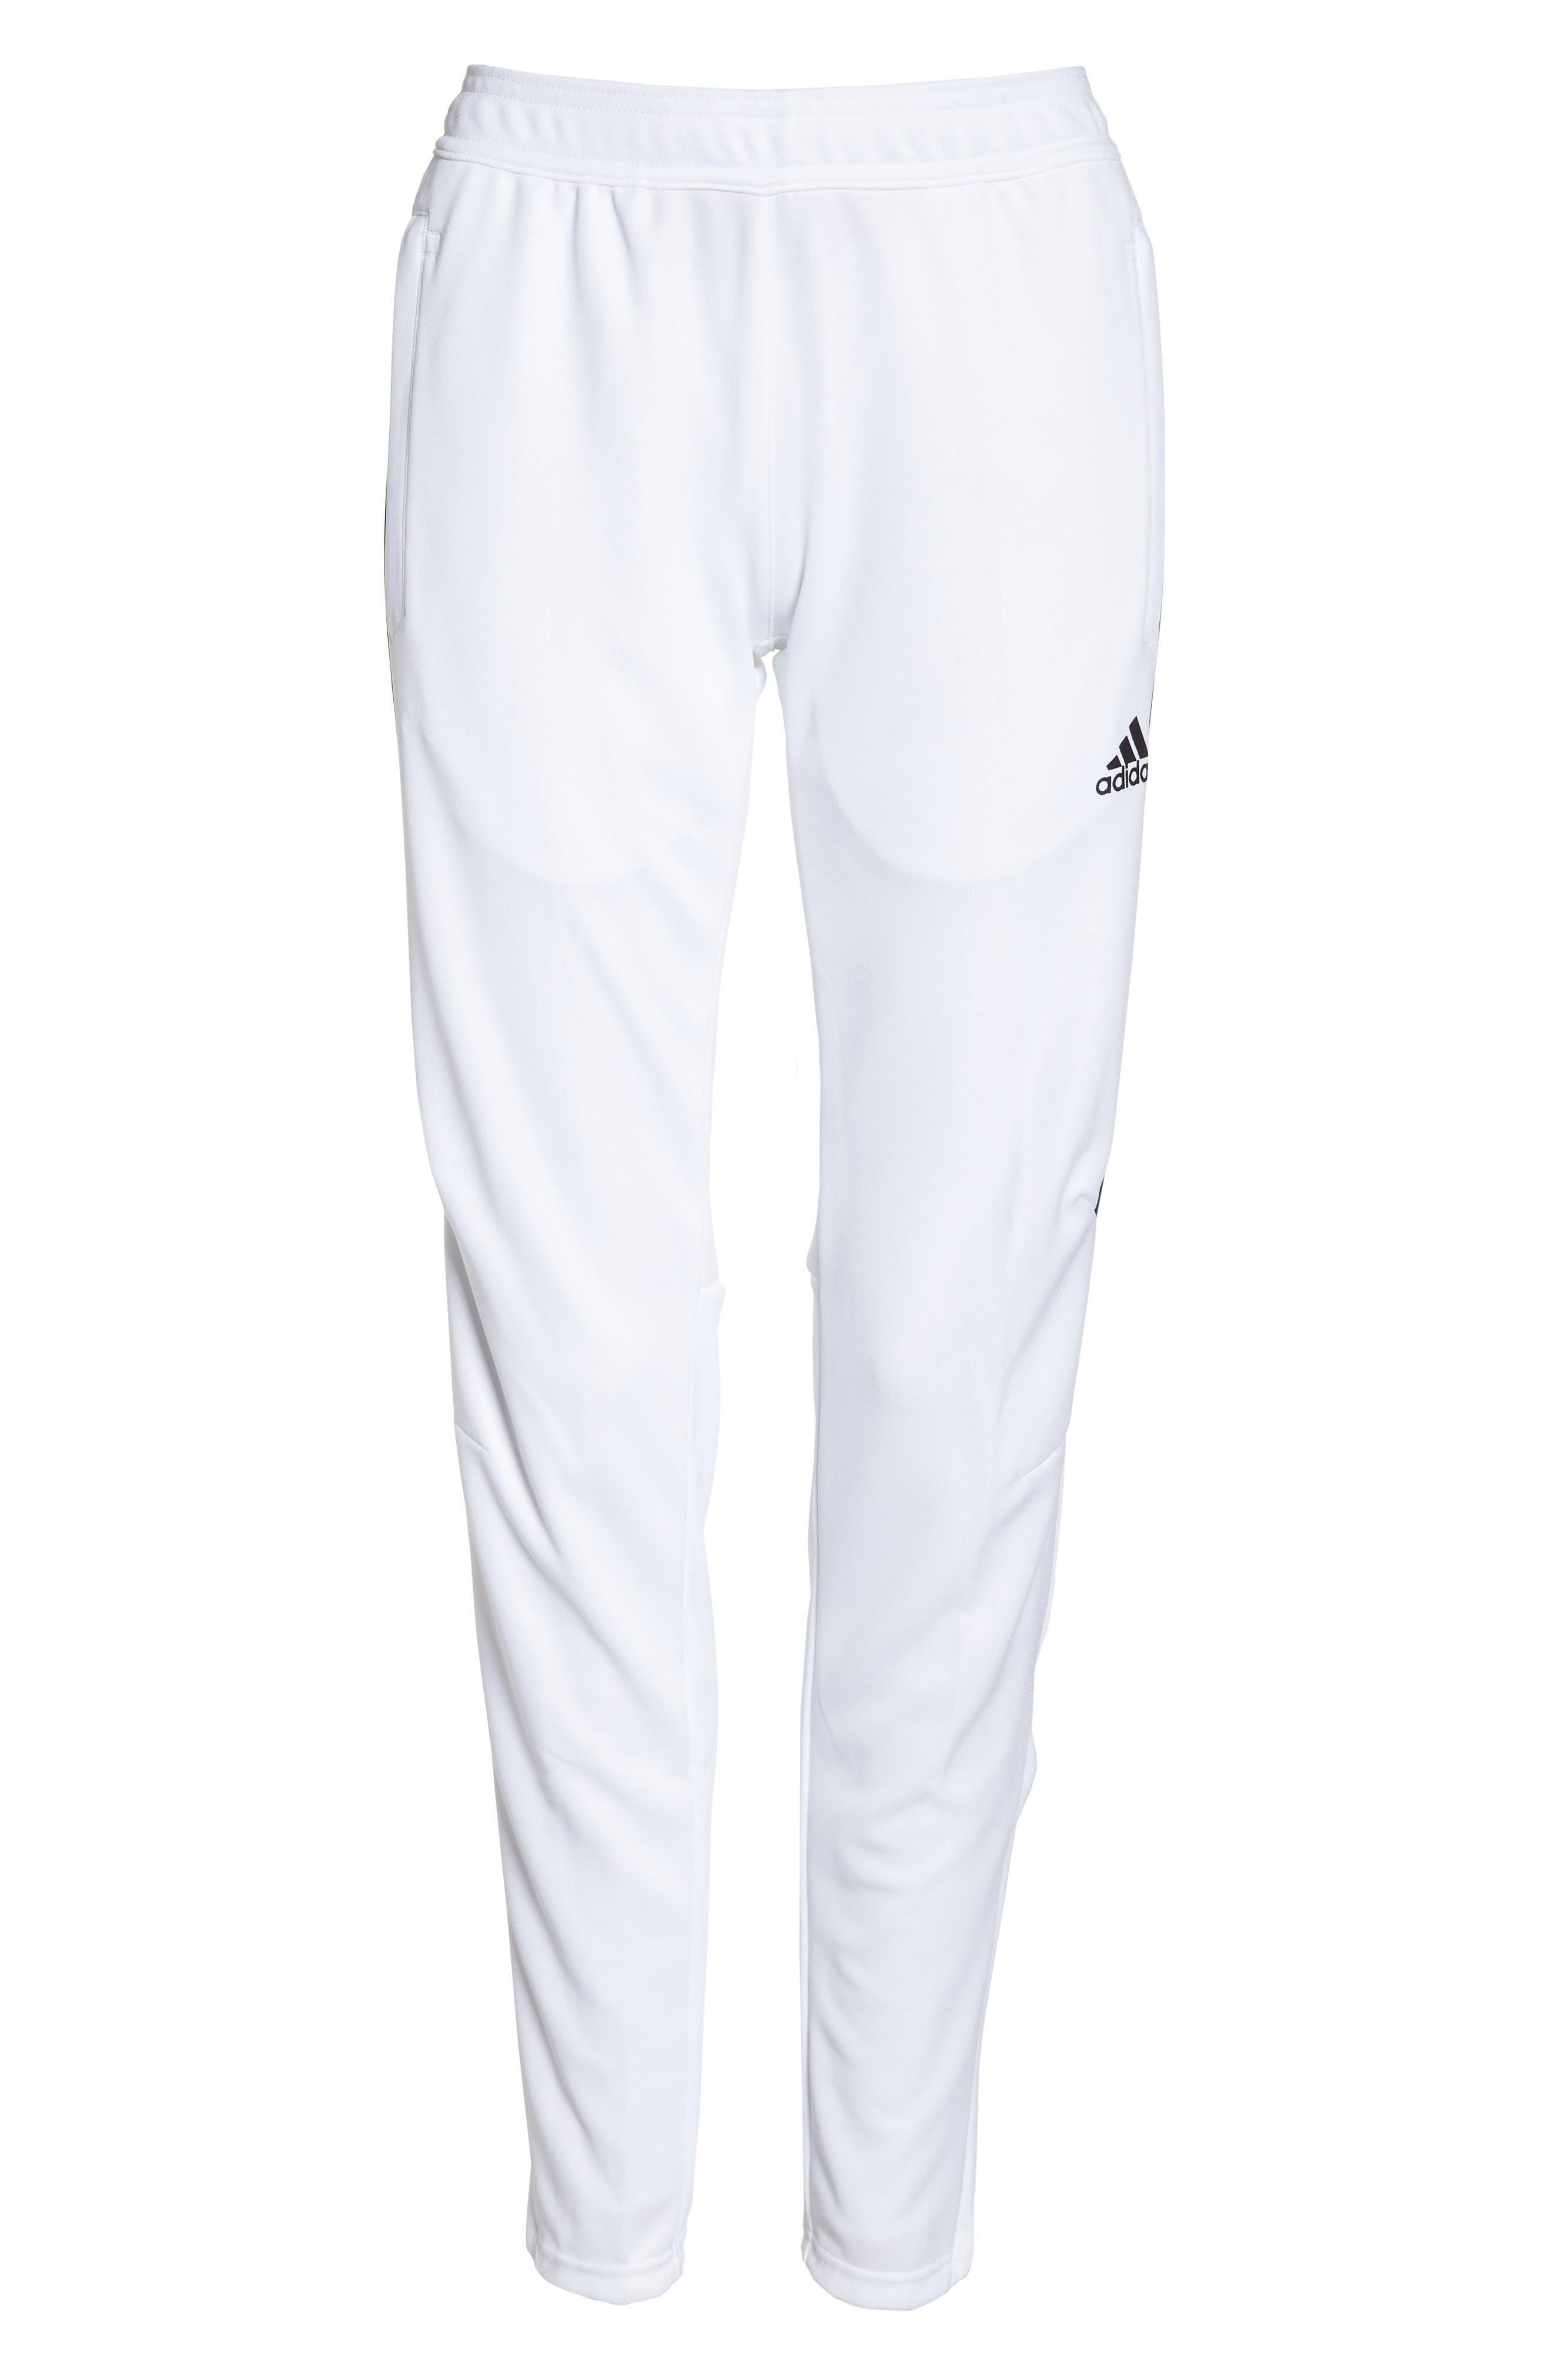 Tiro 17 Training Pants,                             Alternate thumbnail 7, color,                             WHITE/ BLACK